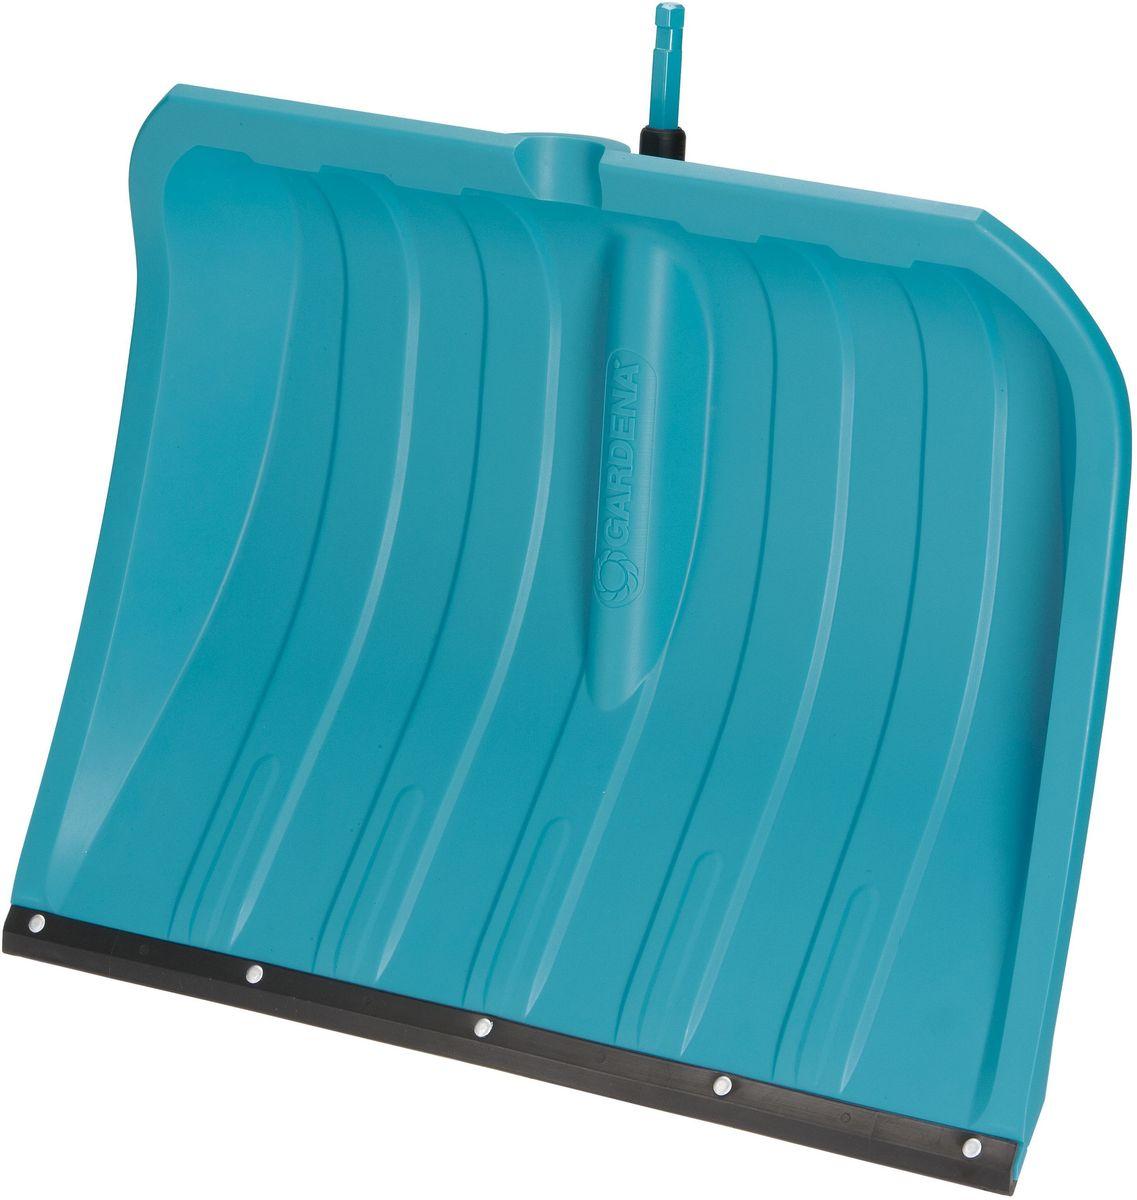 Лопата для уборки снега Gardena, со съемной ручкой, ширина 50 см. 07832-20.000.00531-402Лопата для уборки снега Gardena - это удобный и легкий инструмент, предназначенный для уборки снега. Пластиковая кромка не повреждает обрабатываемую поверхность. Оптимальный угол наклона полотна для эффективной работы.Изделие оснащено съемной ручкой Gardena, выполненной из ясеня и алюминия. Конструкция ручки включает в себя стопорный винт, благодаря которому достигается надежная фиксация инструмента. Форма ручки в виде конуса облегчает использование ручки во время работы и предотвращает ее выскальзывание.Длина ручки: 150 см.Ширина рабочей части лопаты: 50 см.